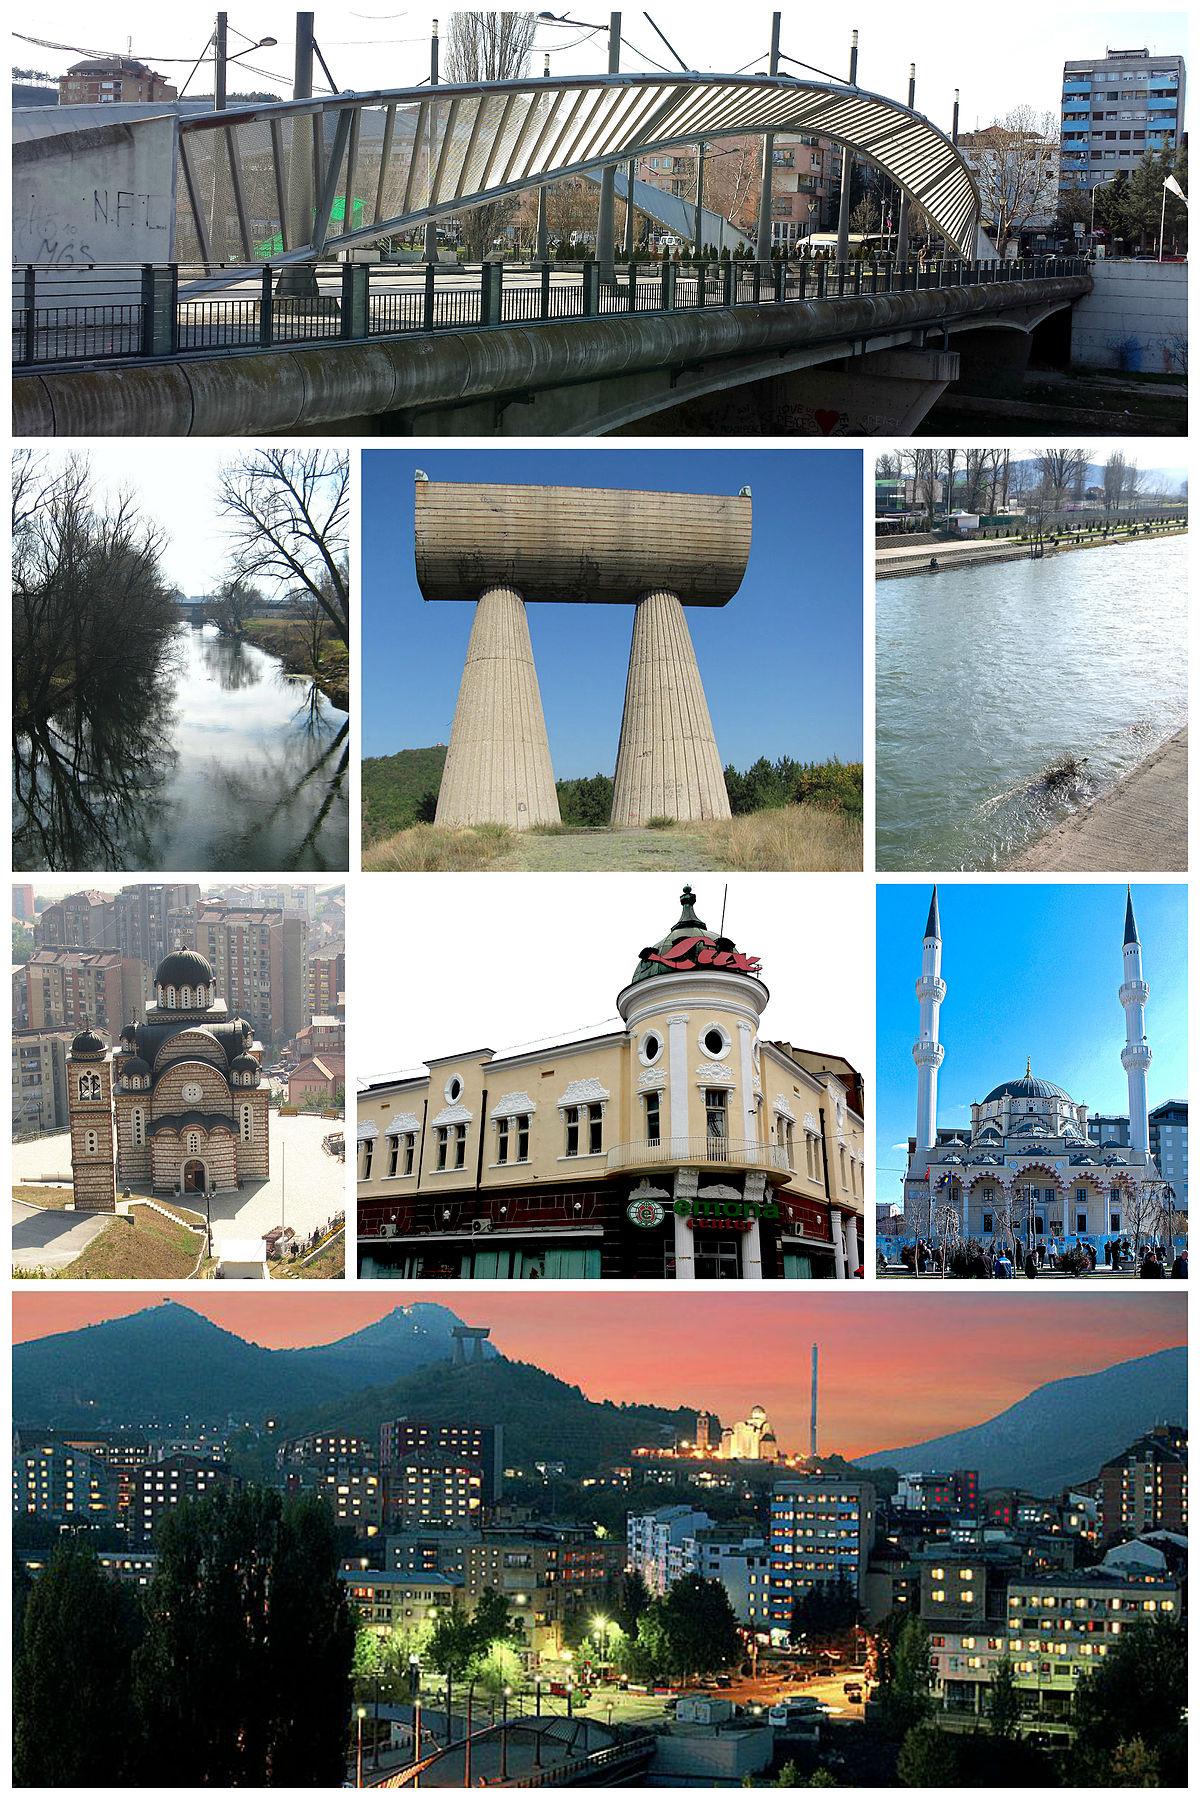 Mitrovica Kosovo  Wikipedia